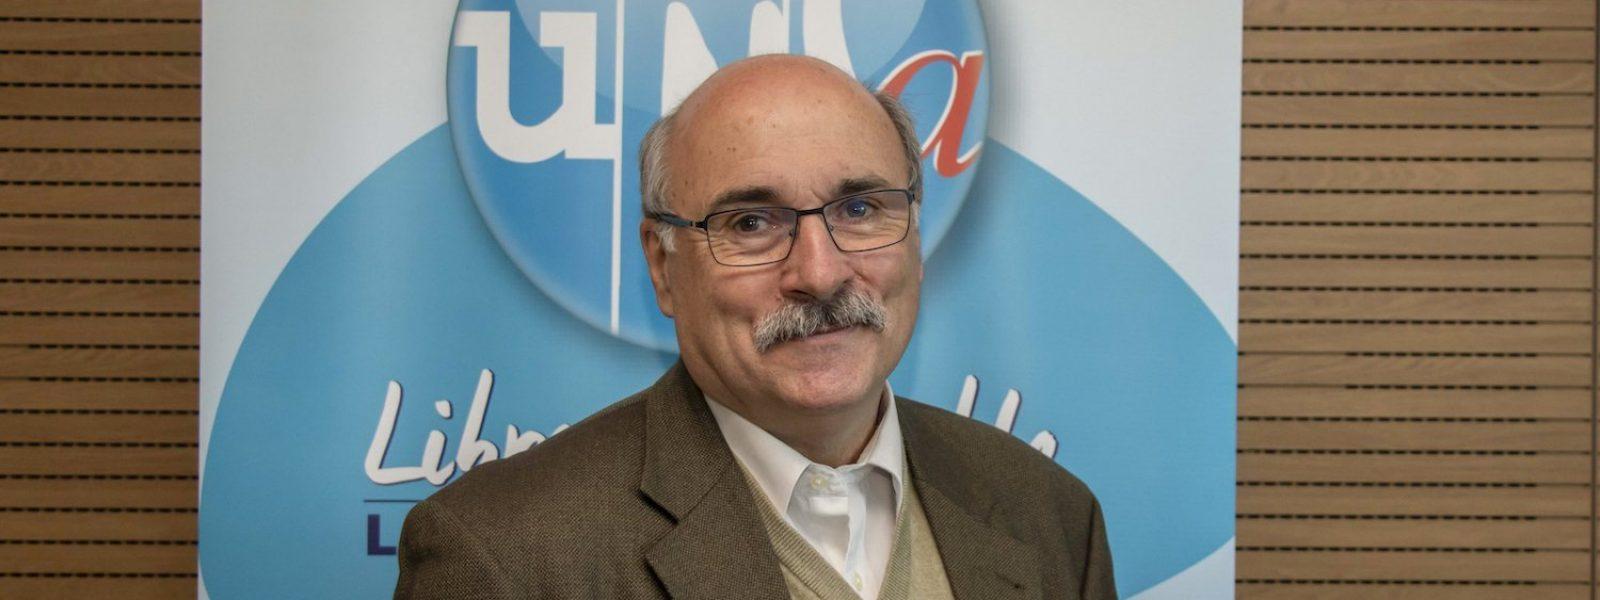 Congrès UNSA au Couvent des Jacobins : « un centre des congrès exceptionnel »